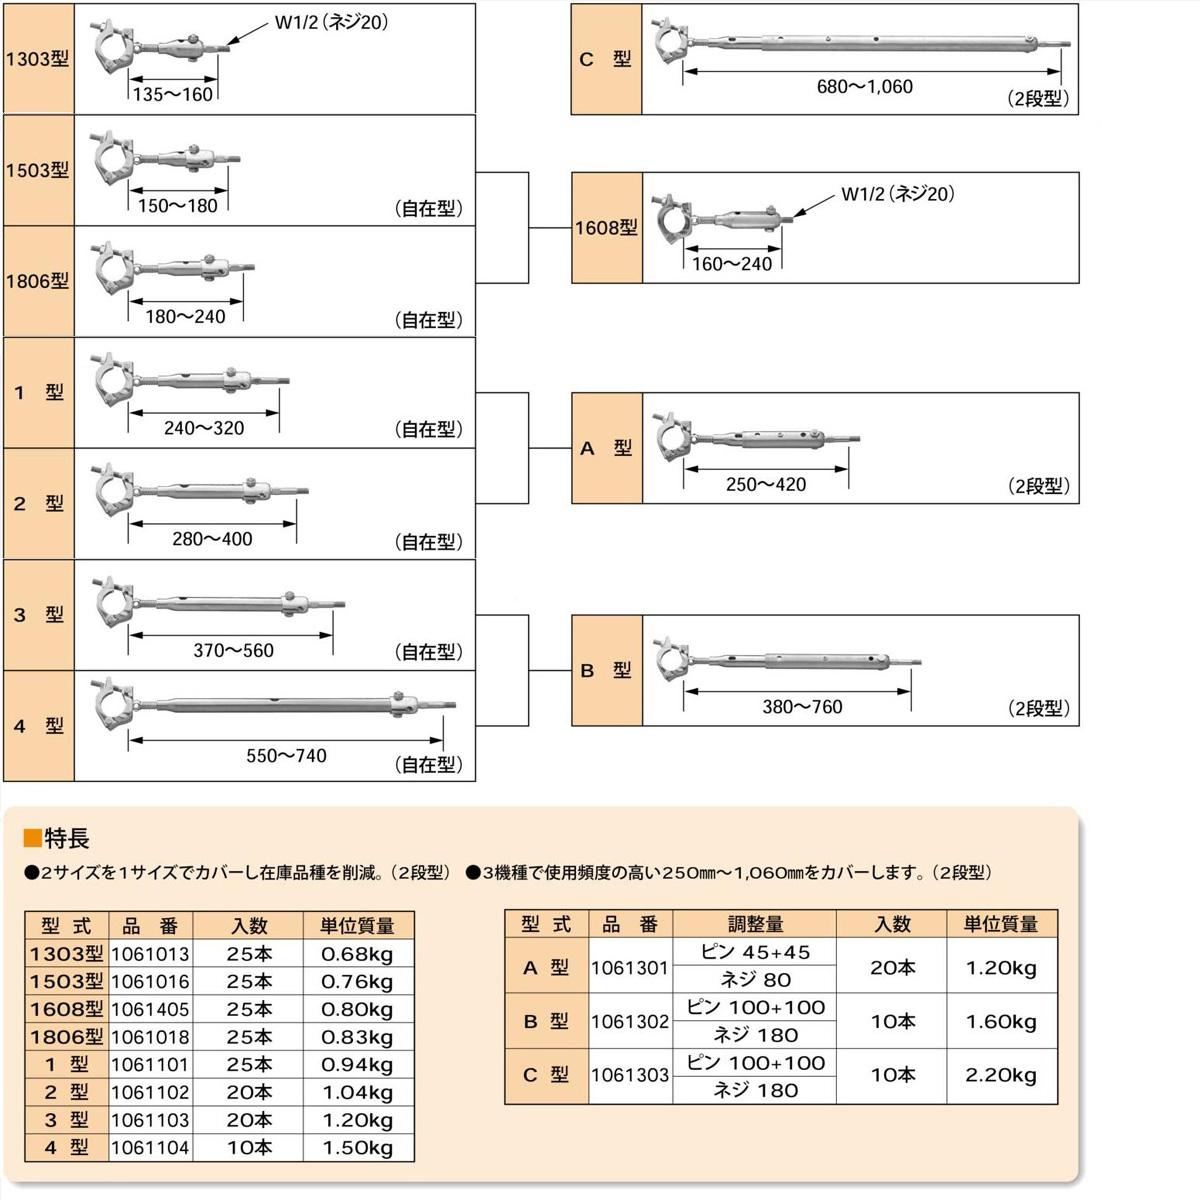 【国元商会 KS】 壁つなぎ [1303型] 25本